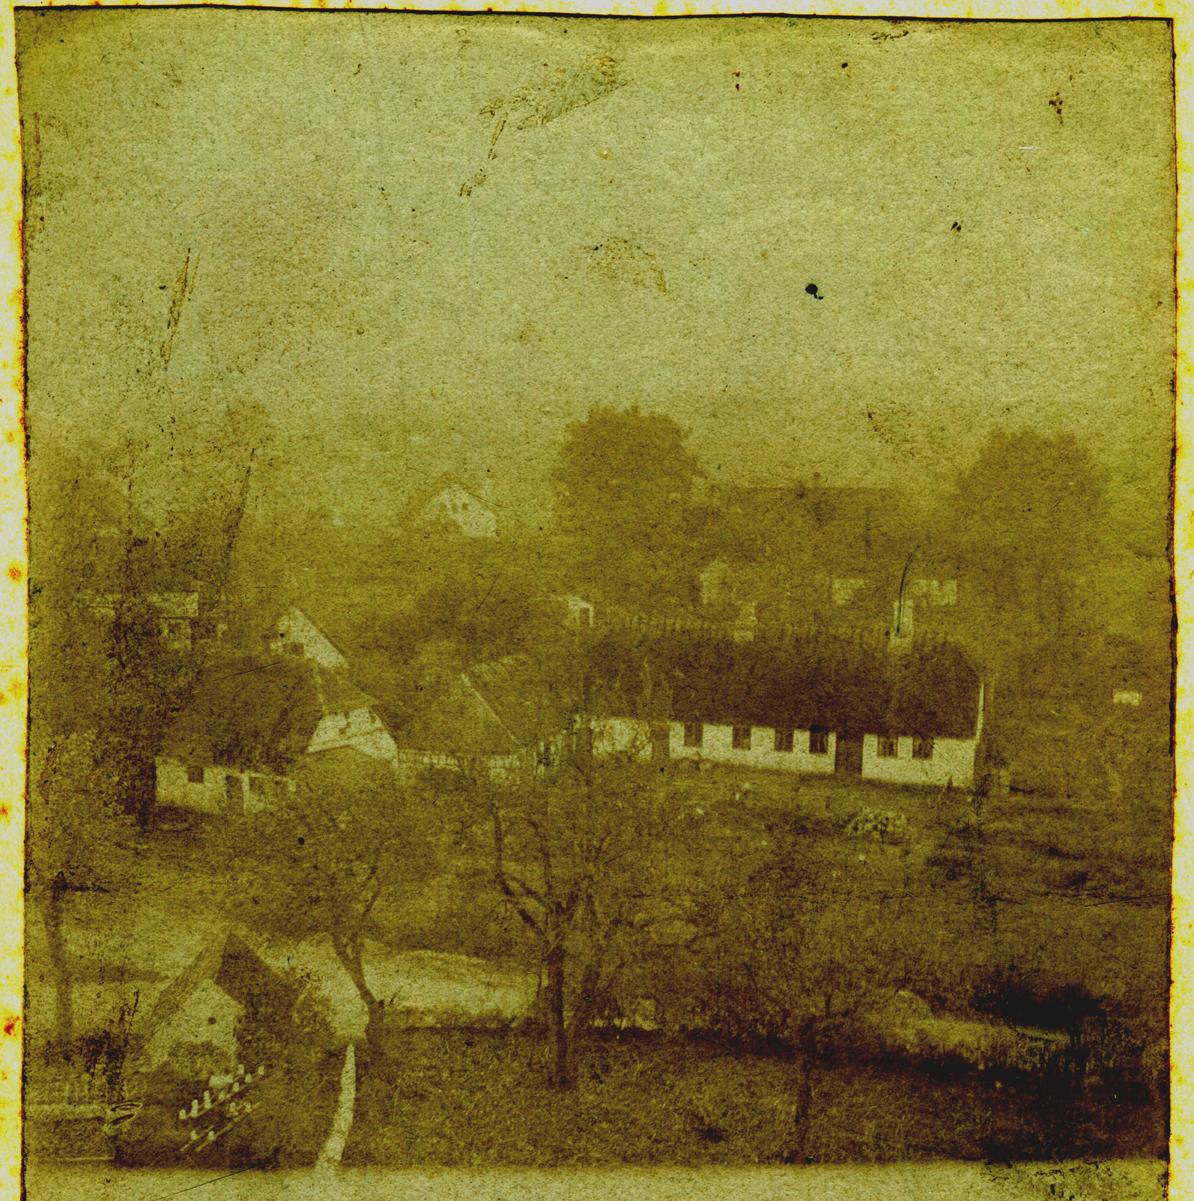 Billede 19 Smedegården ca. 1900 set fra kirkens tårn.